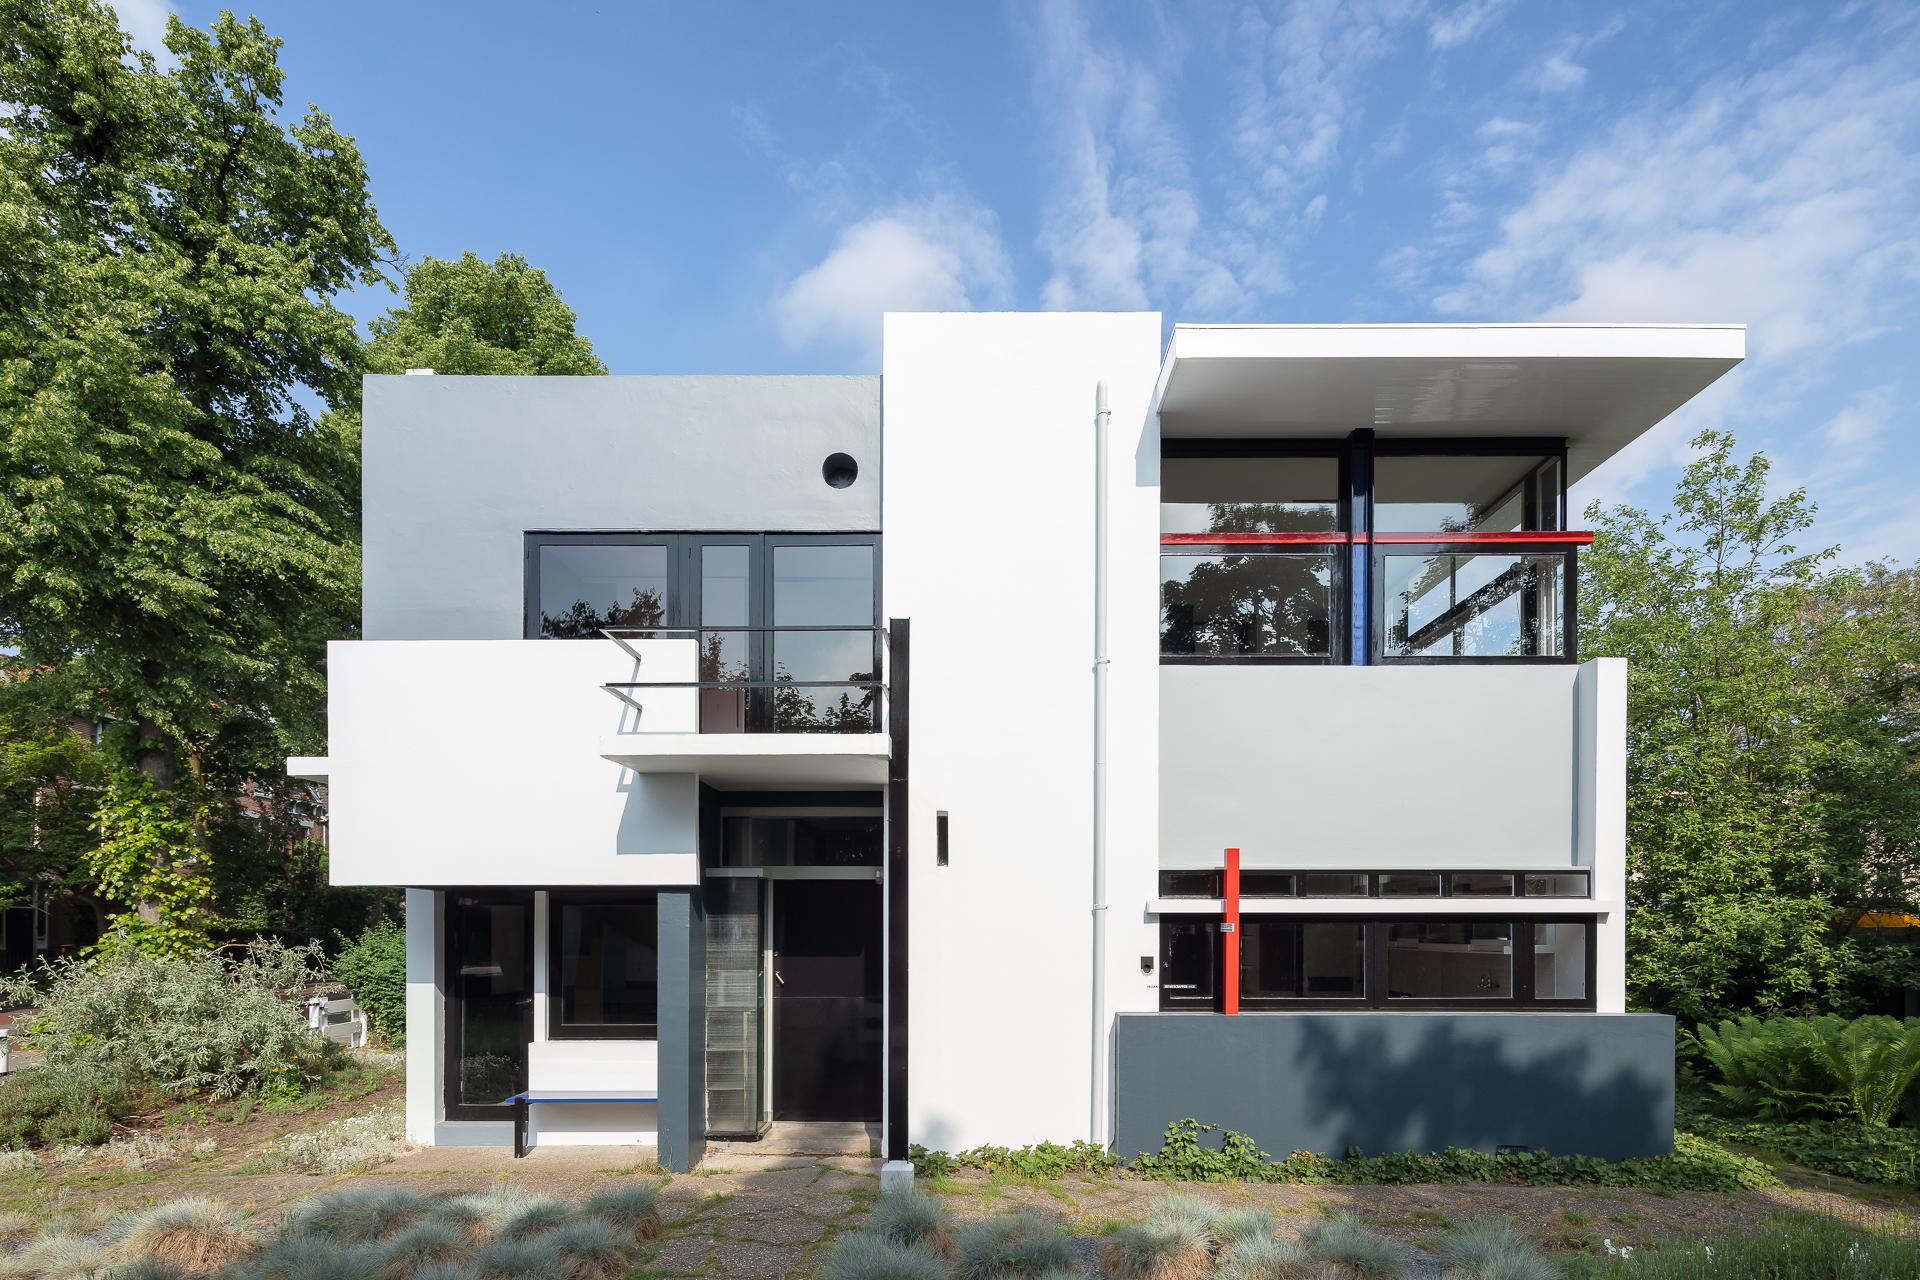 SP2018-Rietveld-Schroderhuis-1-LowRes